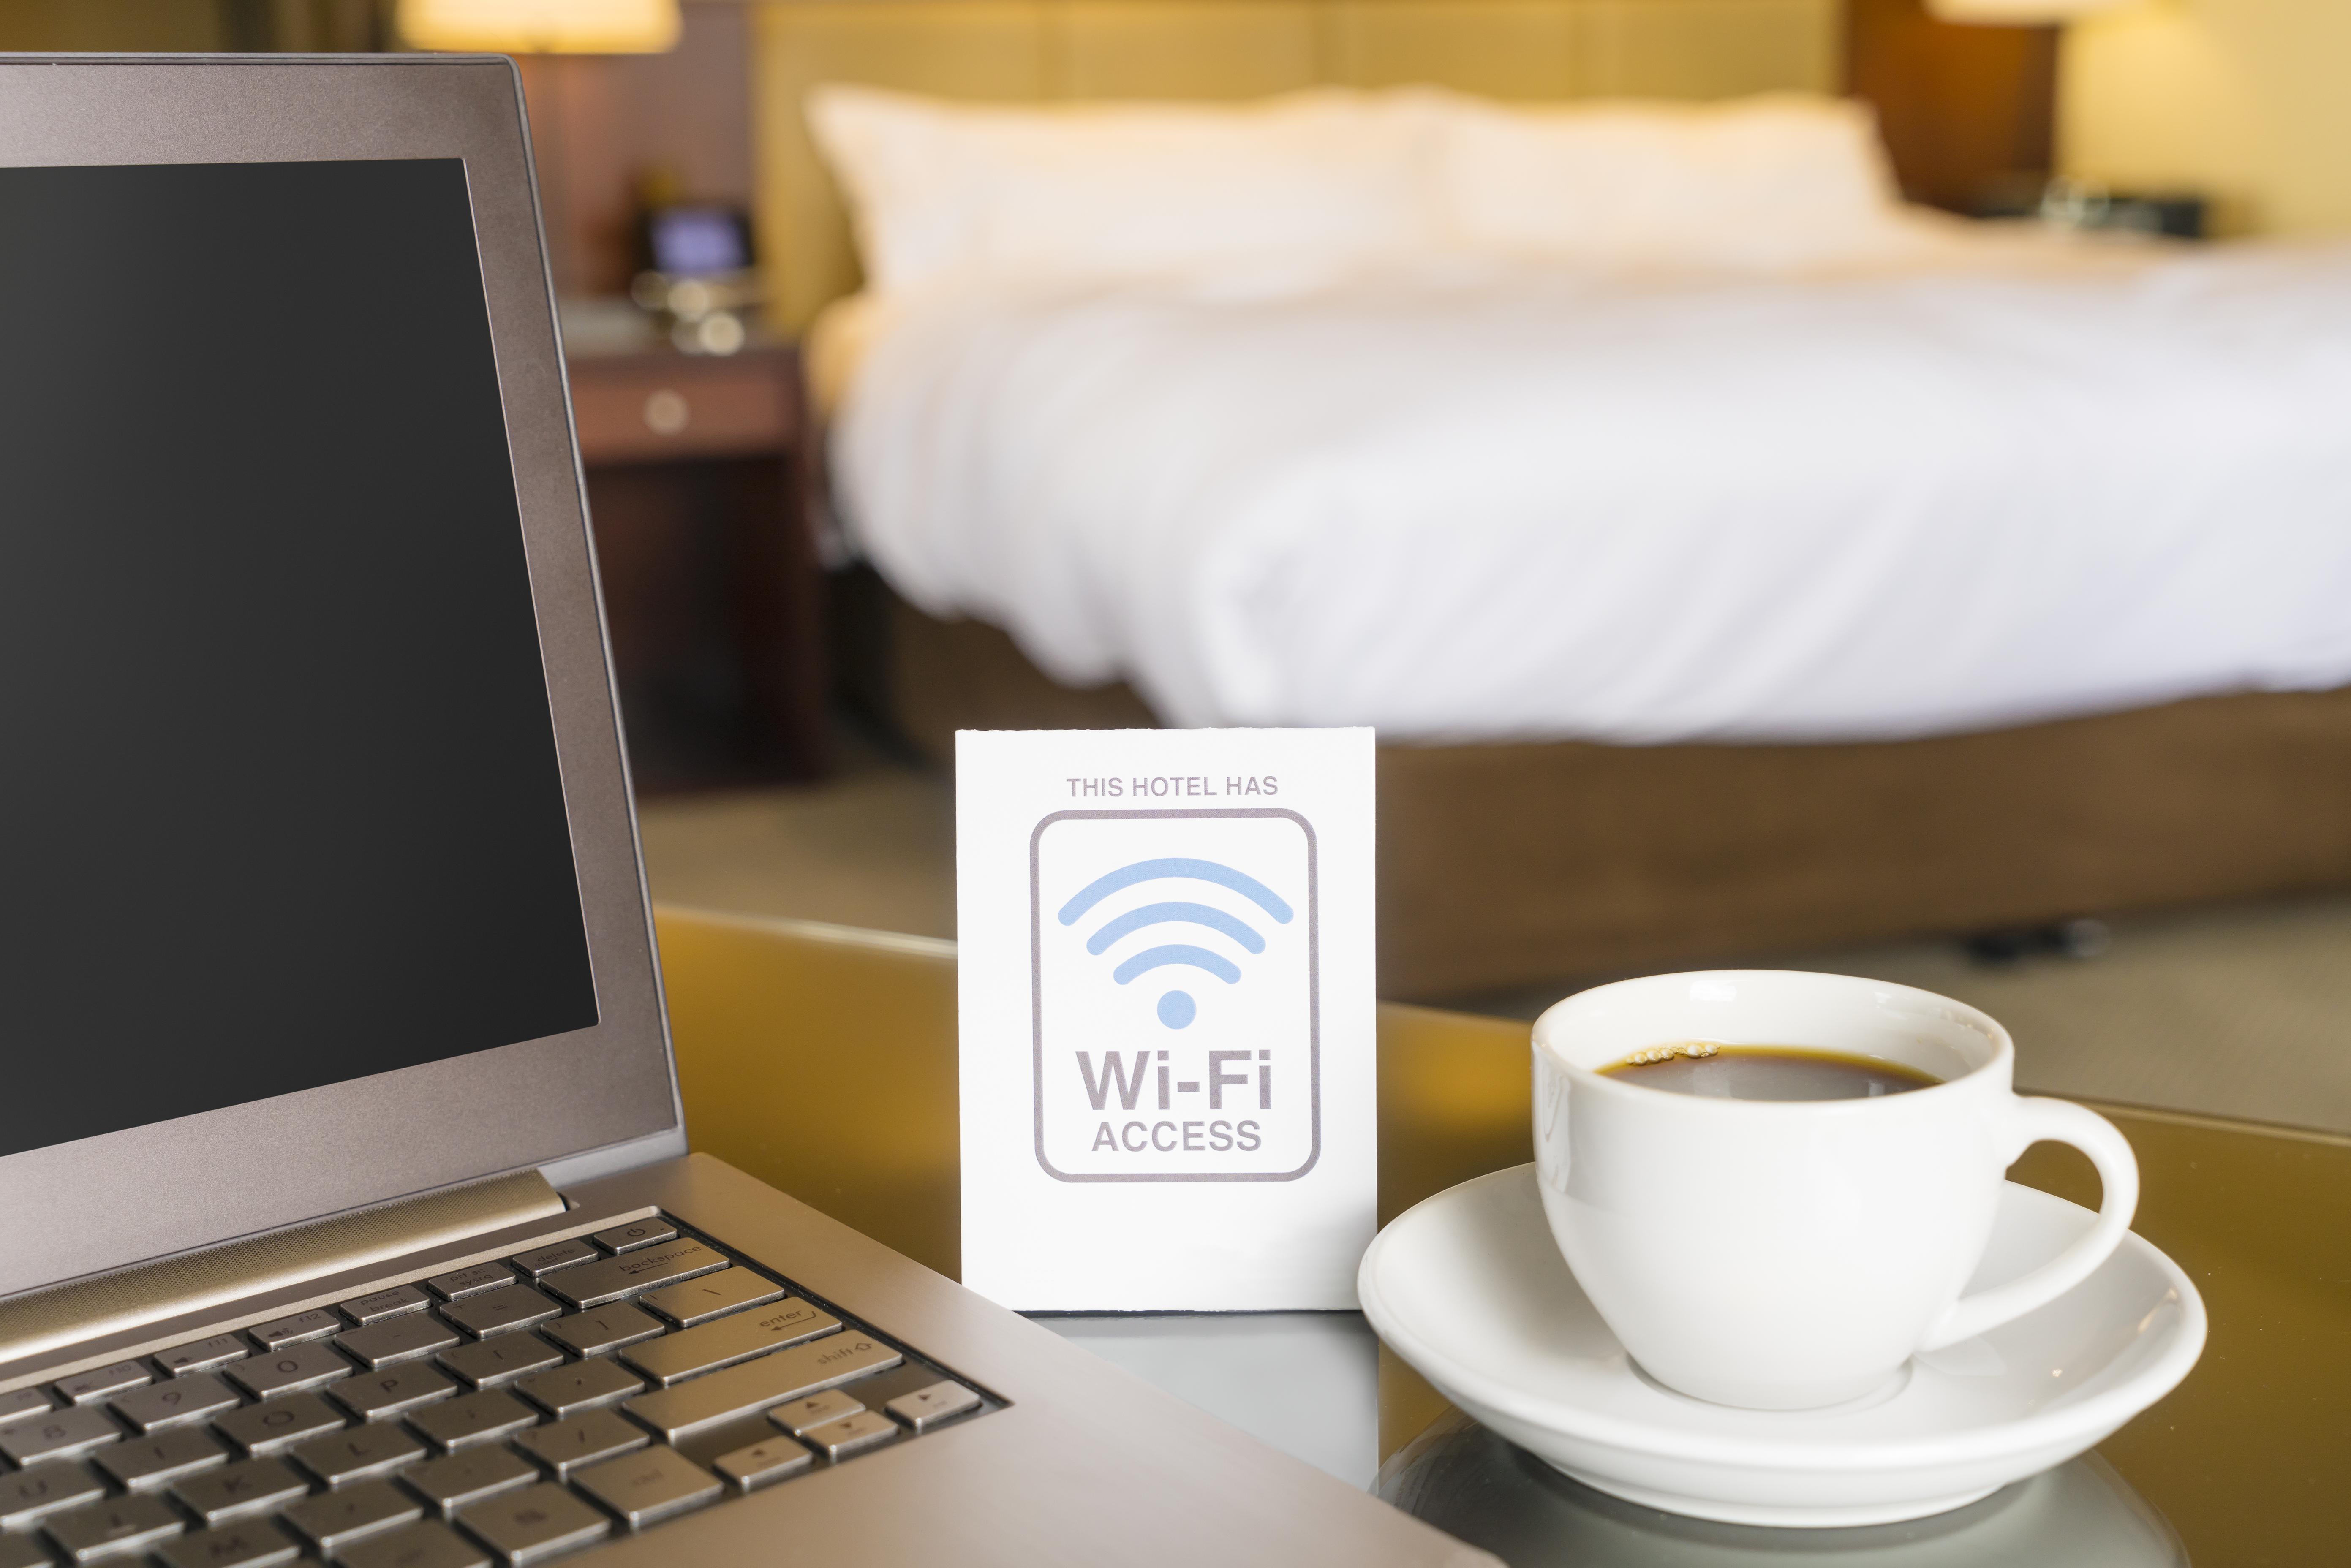 Turiștii din hotelurile de lux, spionați prin rețeaua Wi-Fi. Cum funcționează mecanismul